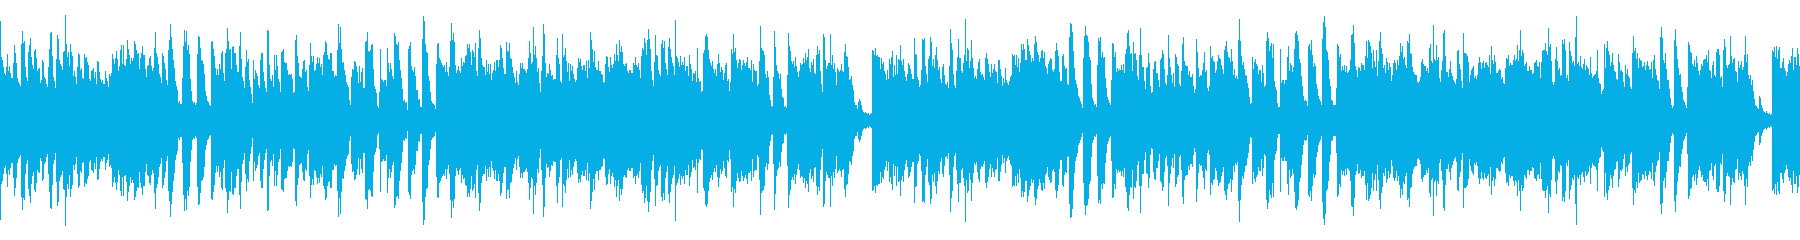 キッズ用動画等に ファンファーレ風ループの再生済みの波形